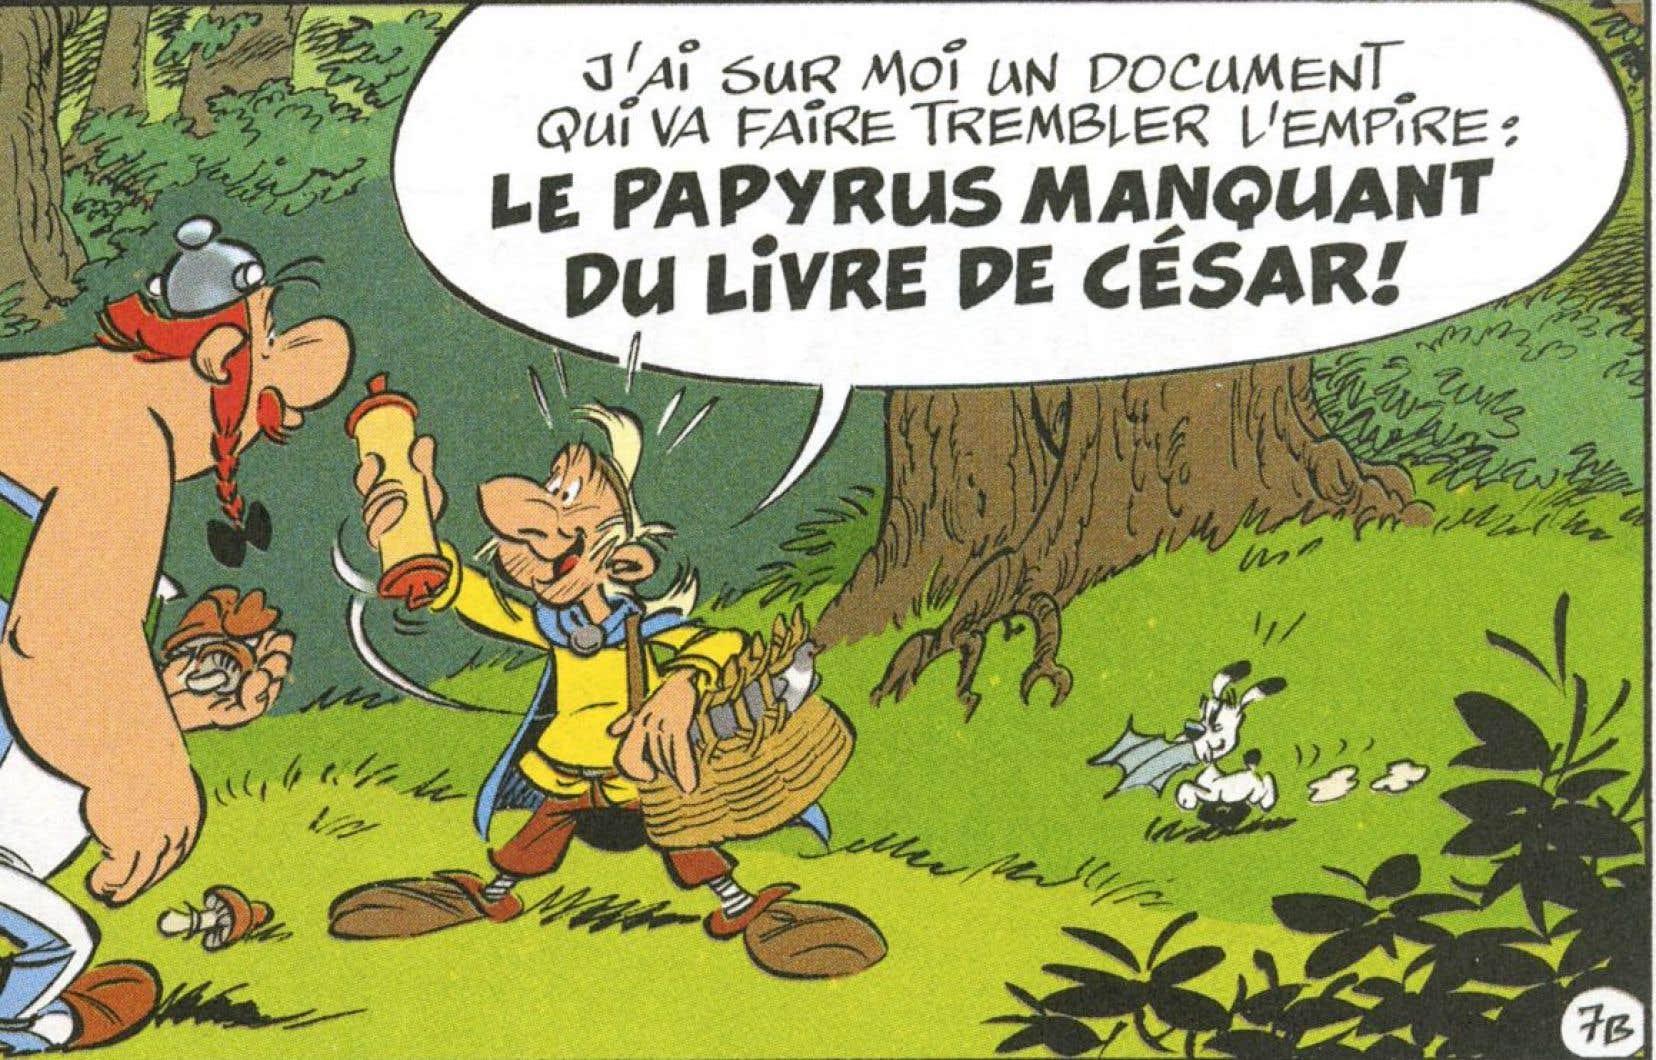 «Le papyrus de César» introduit Doublepolemix (à droite), un personnage calqué sur le fondateur de WikiLeaks, Julian Assange.